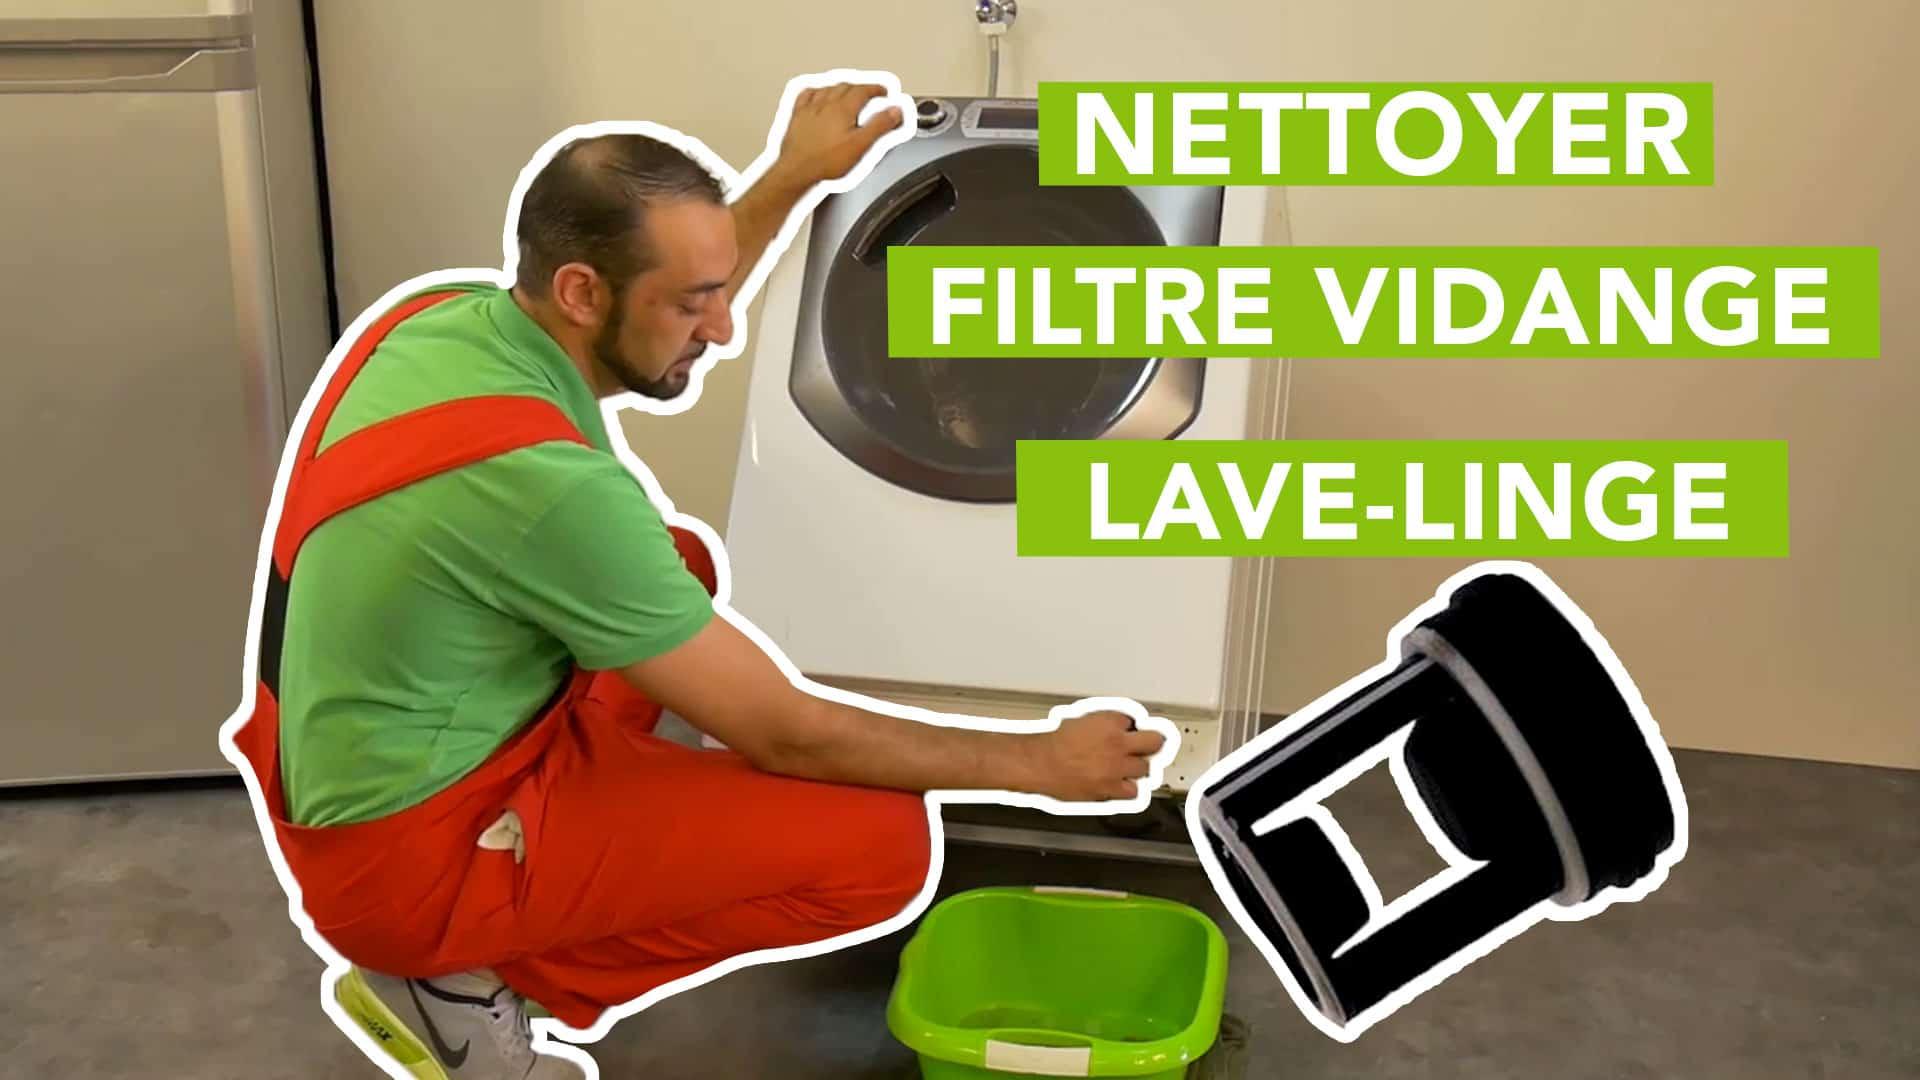 Nettoyage De La Machine À Laver lave-linge : comment nettoyer un filtre de vidange de lave